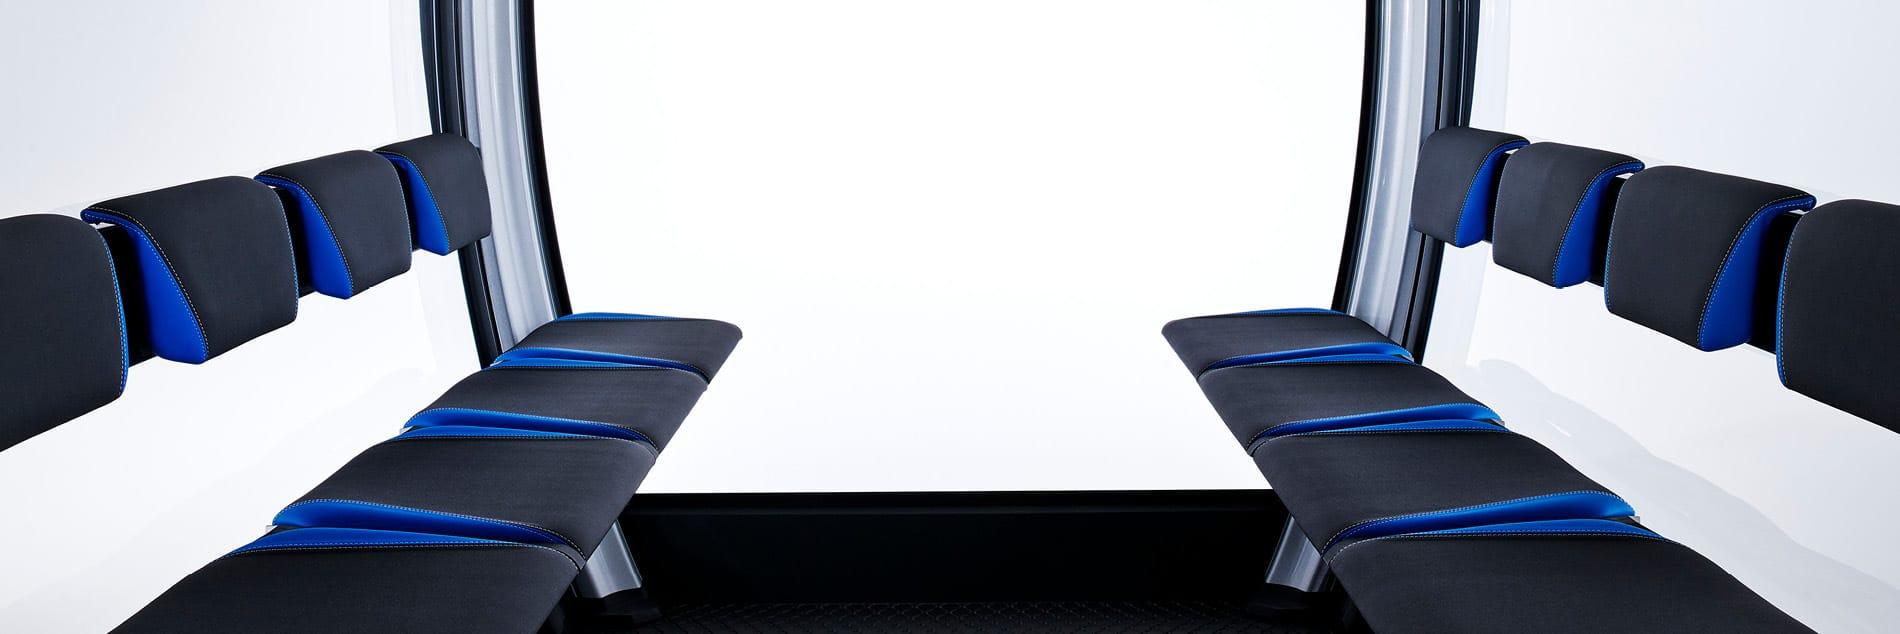 Innenraum und Sitze einer Seilbahn-Kabine